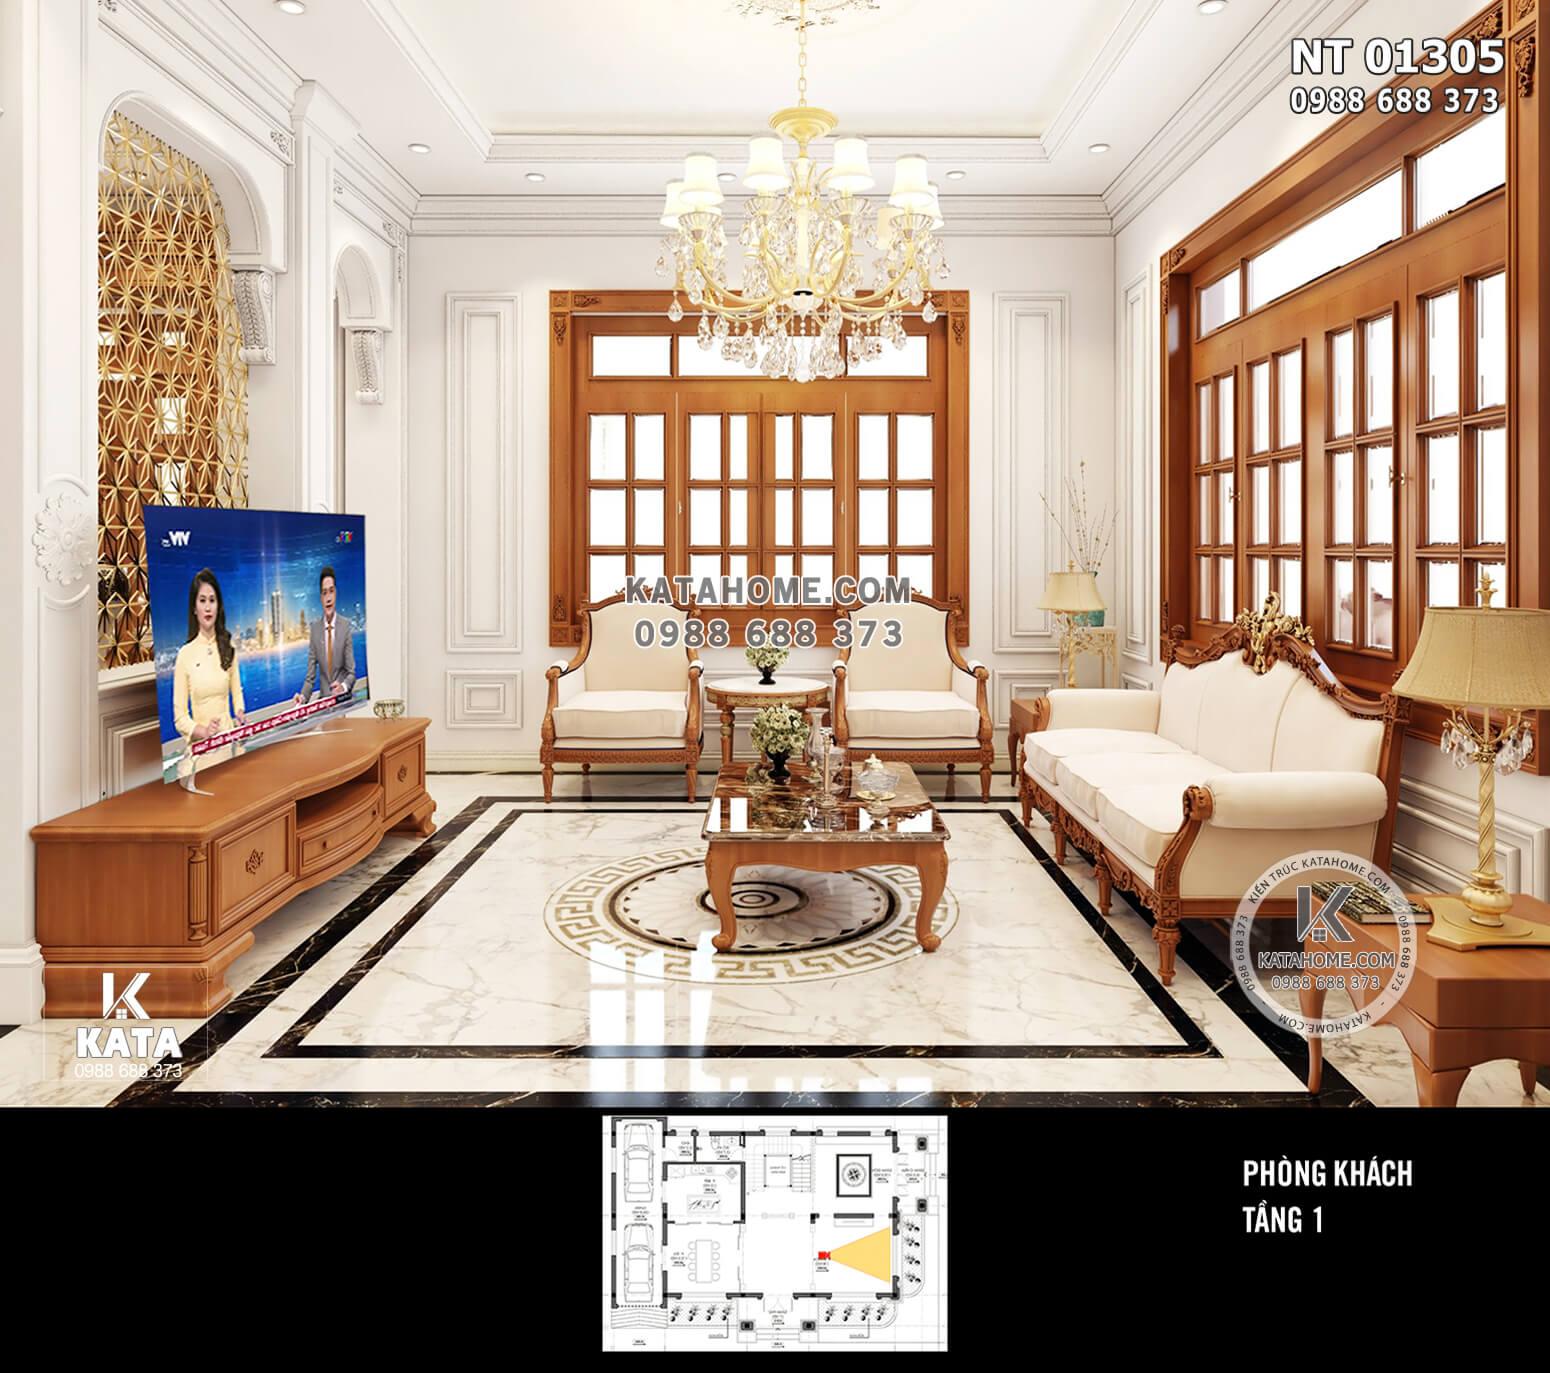 Hình ảnh: Thiết kế nội thất tân cổ điển - Phòng khách 1